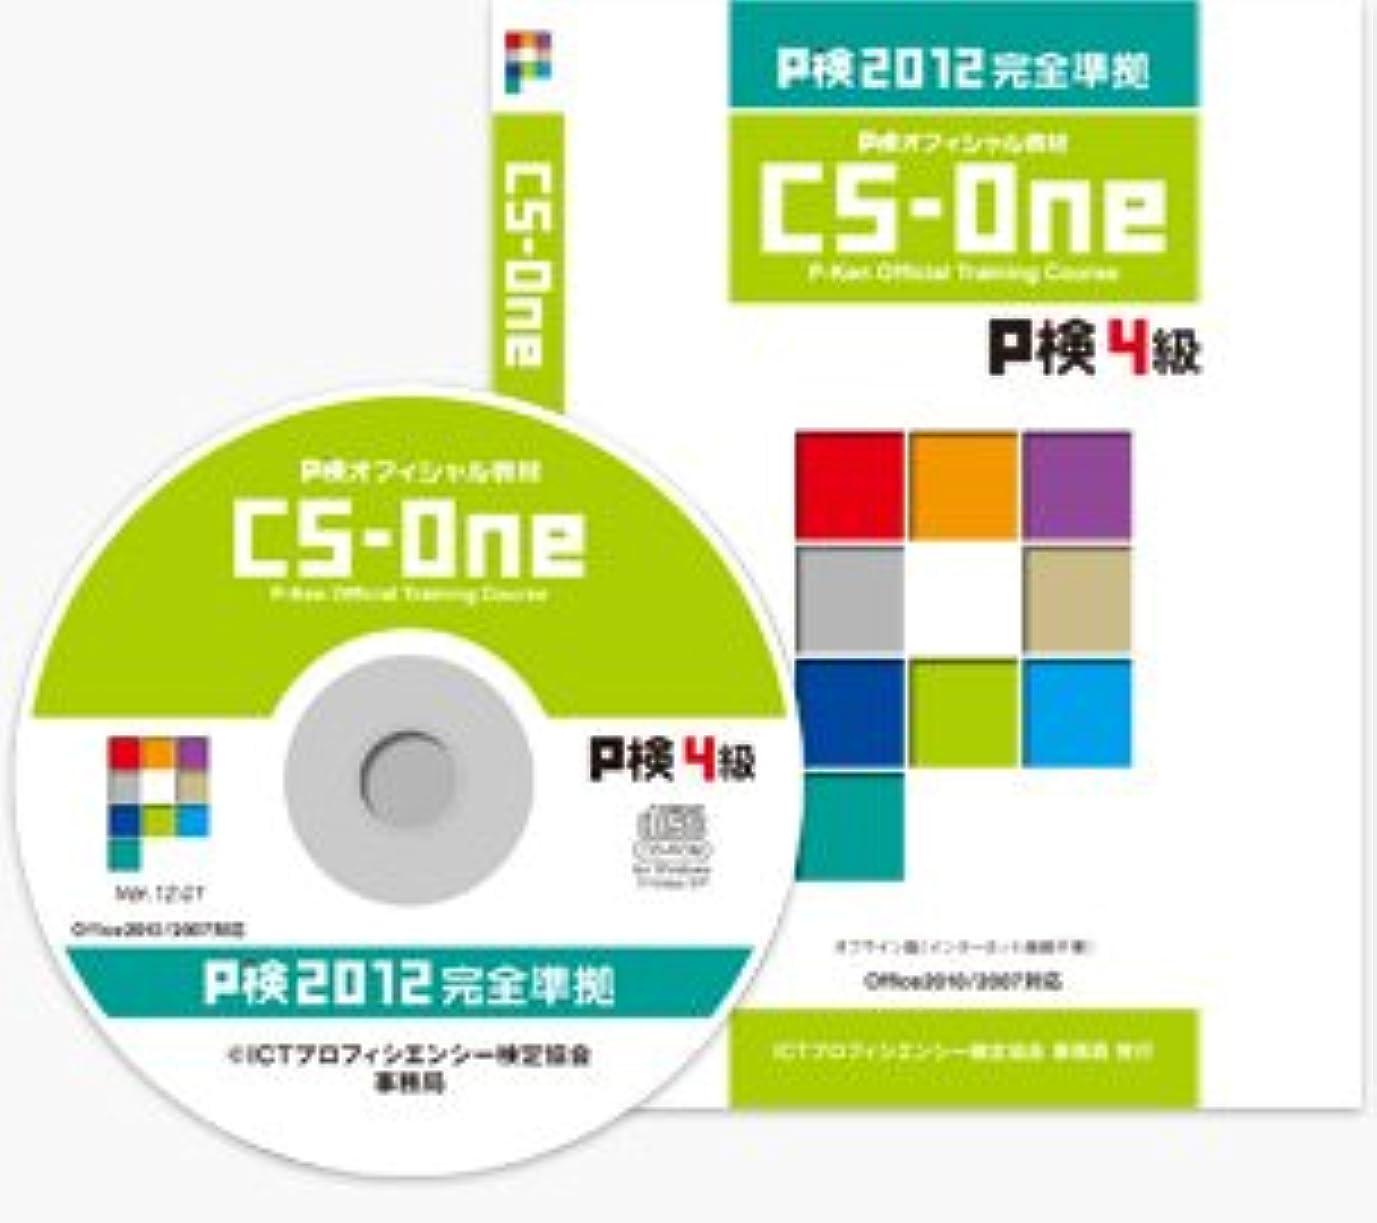 アリスおしゃれじゃない尊敬するP検オフィシャル教材 CS-One P検4級 P検2012完全準拠